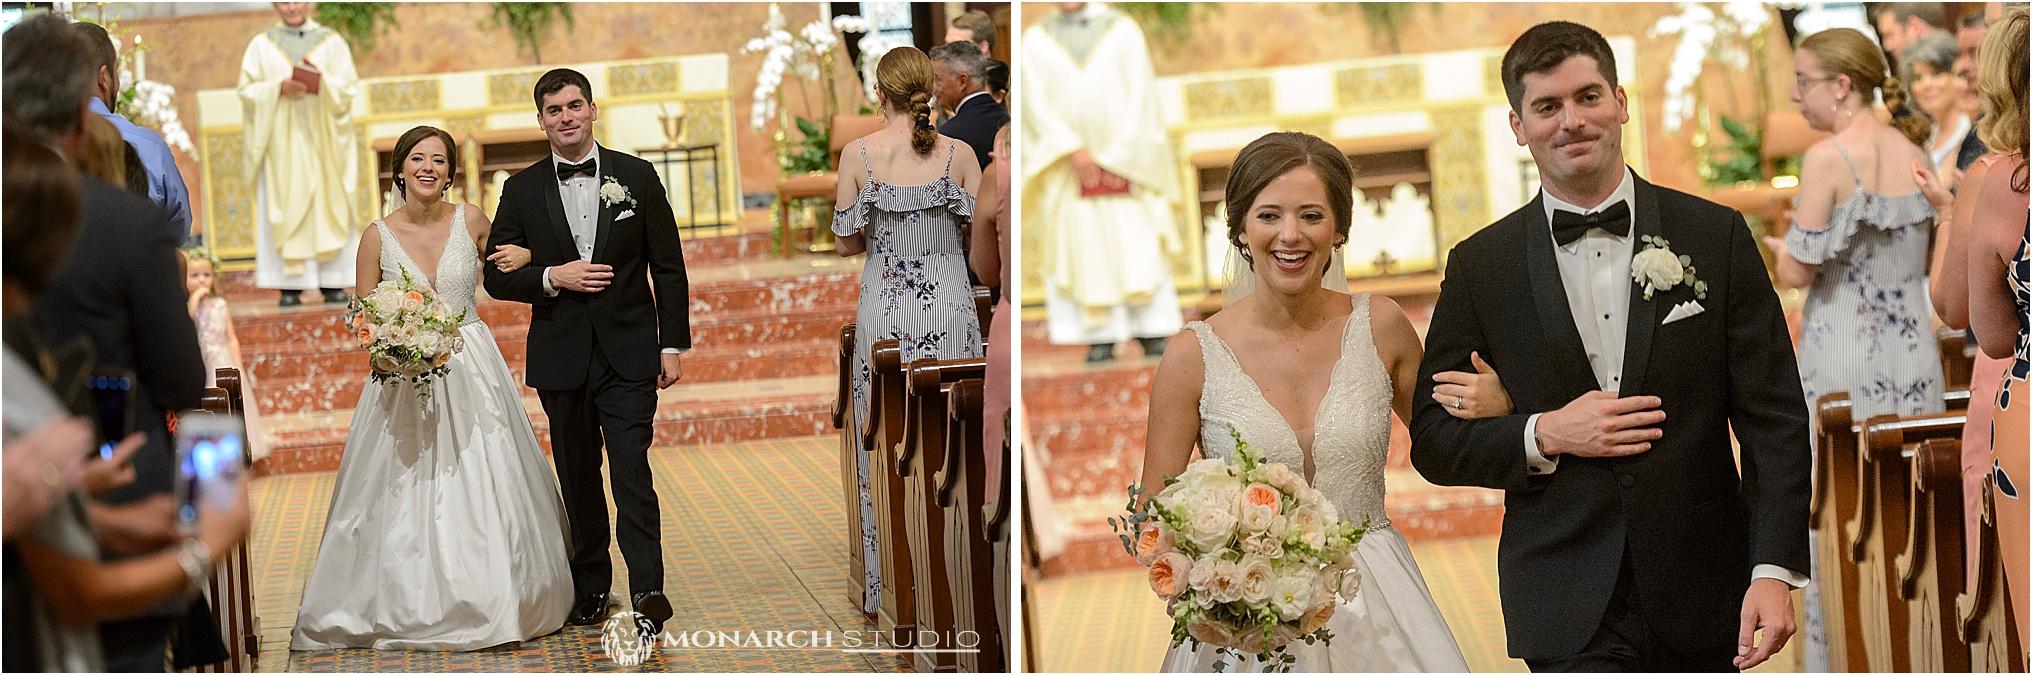 Wedding-PHotographer-in-st-augustine-2019-047.jpg